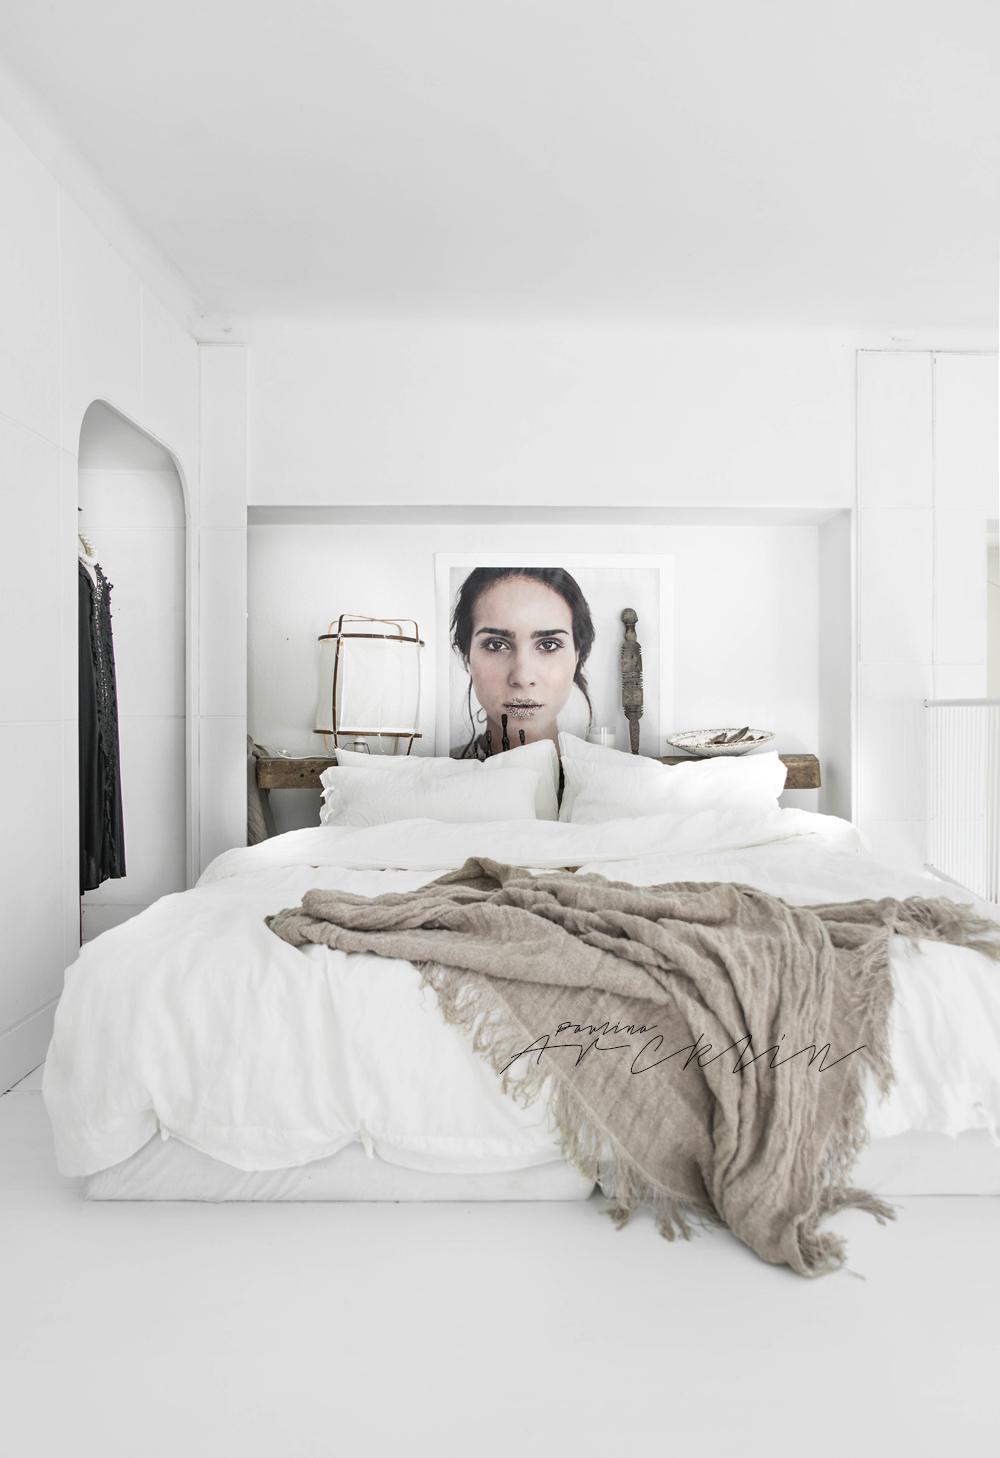 El maravilloso mundo blanco y natural de la fotógrafa estilista Paulina Arcklin